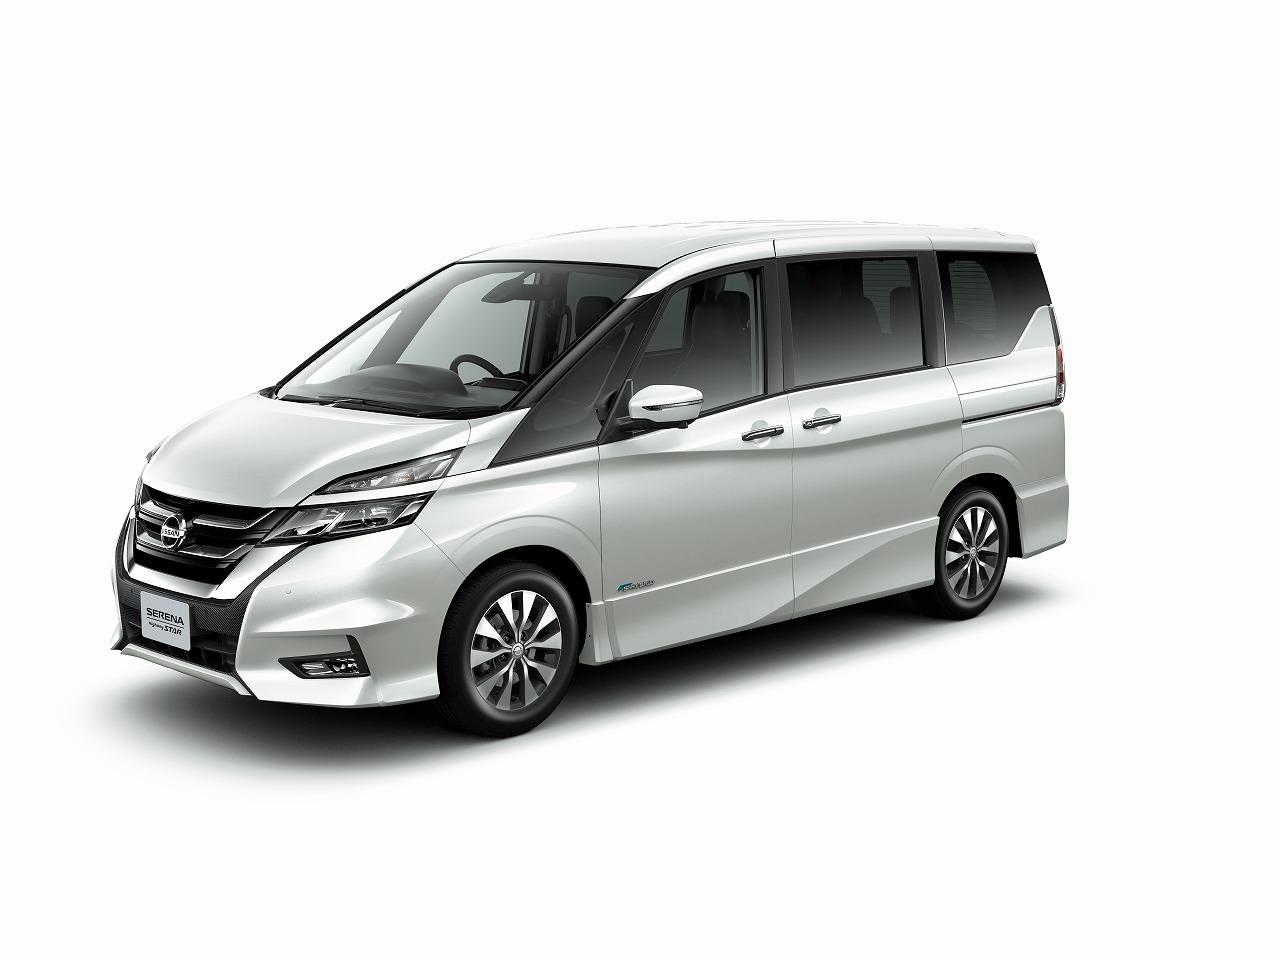 日産、セレナの特別仕様車「Vセレクション」を発売